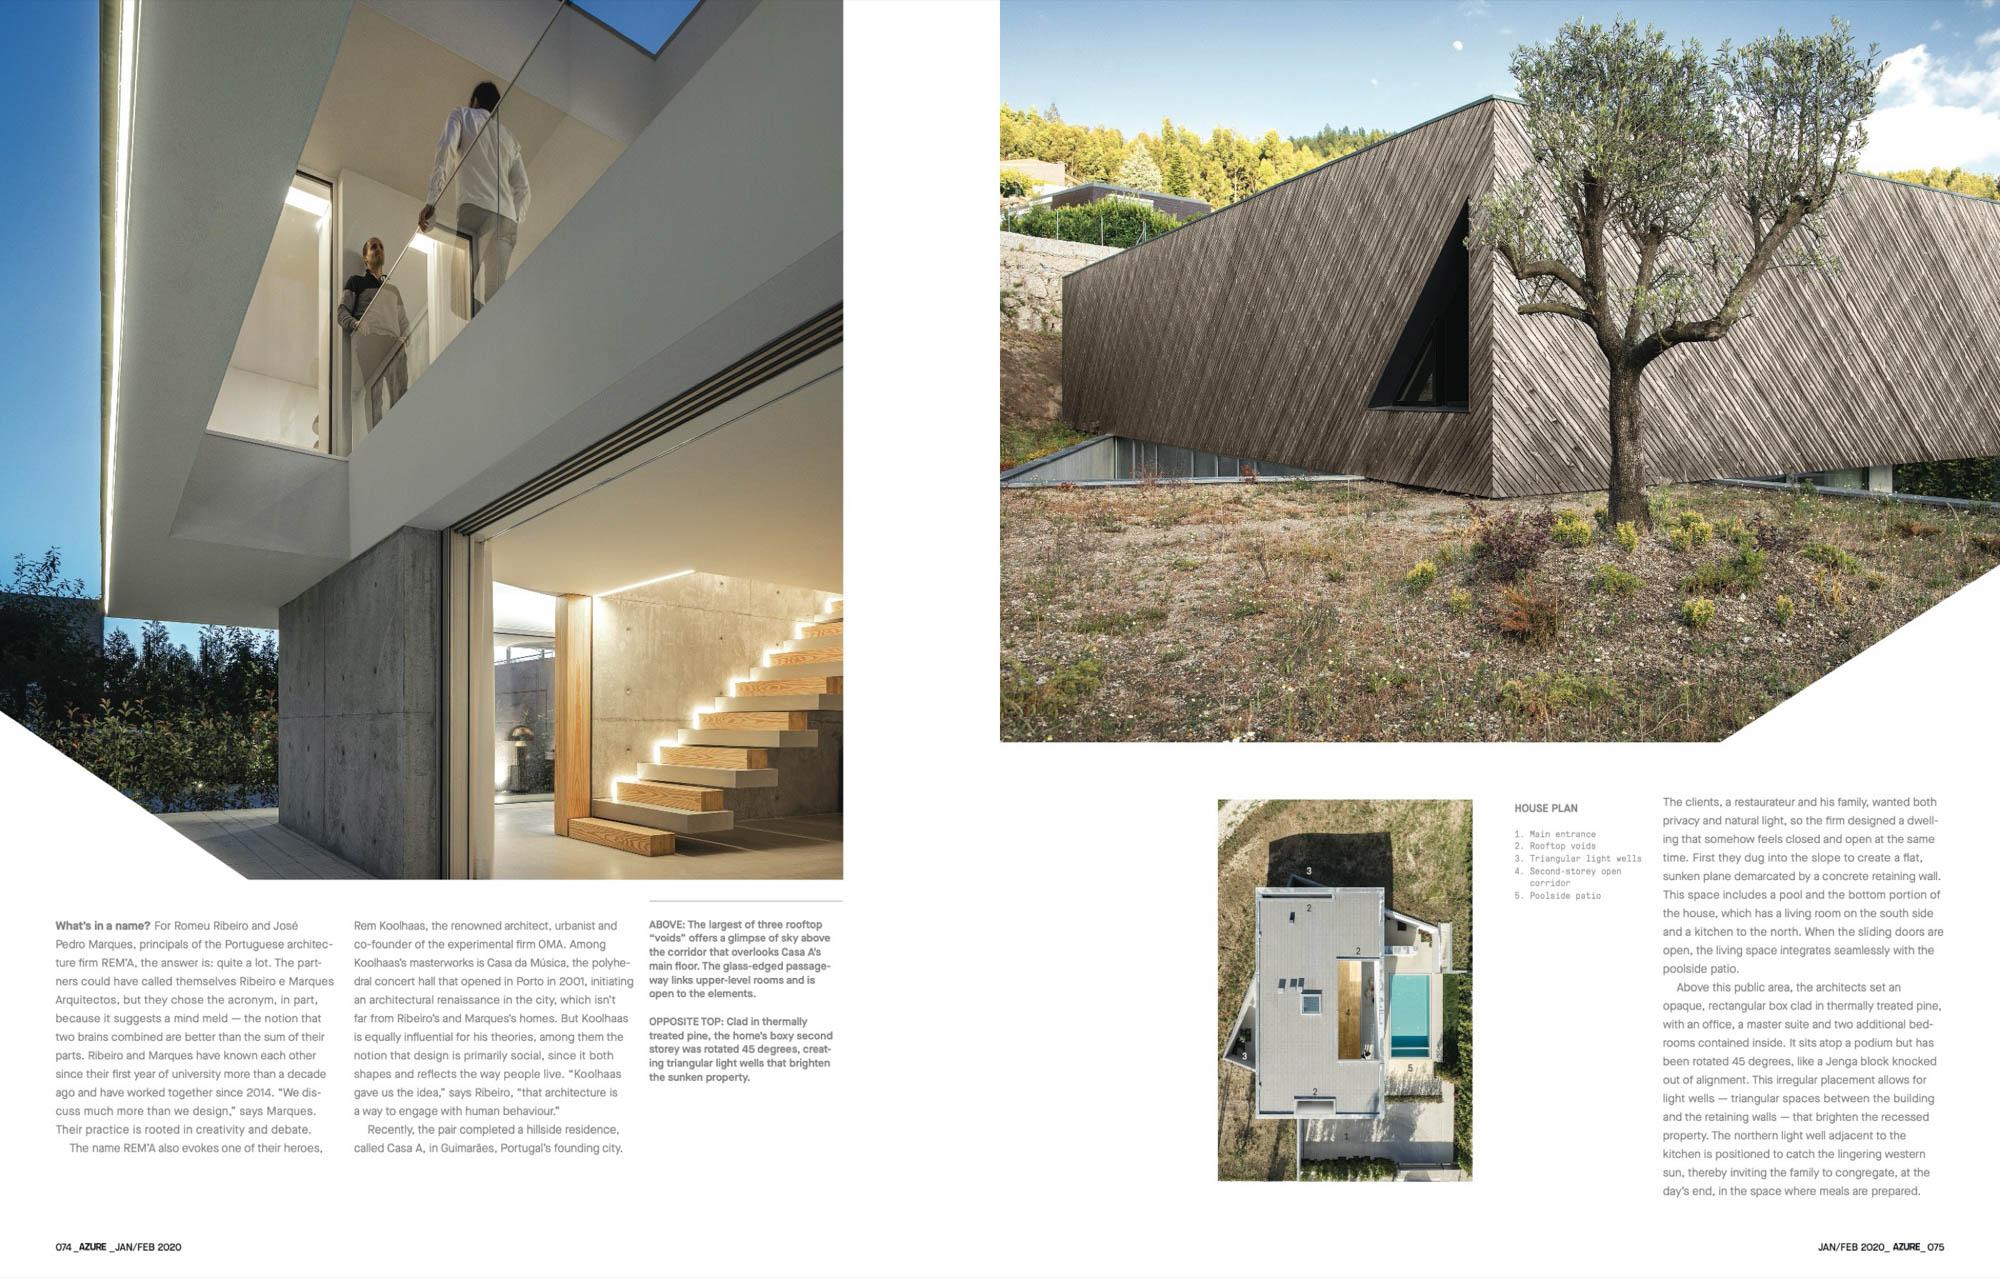 Casa A Em Guimarães Do Atelier Rem'a Publicado Na Revista Azure do fotografo Ivo Tavares Studio